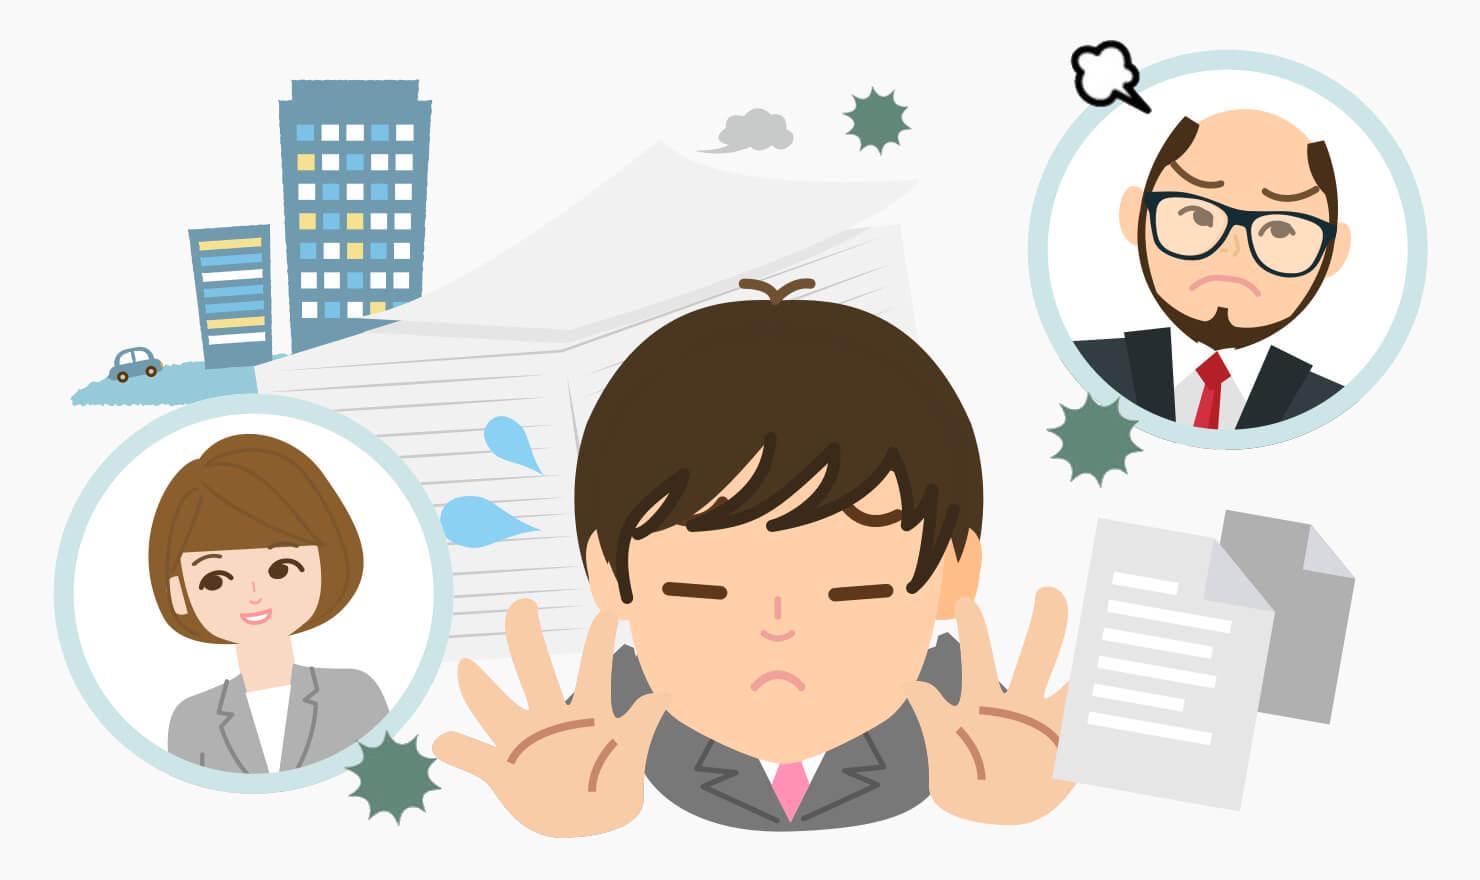 「会社を辞めたい」が言えないときの心理と5つの対処法 | JOBSHIL